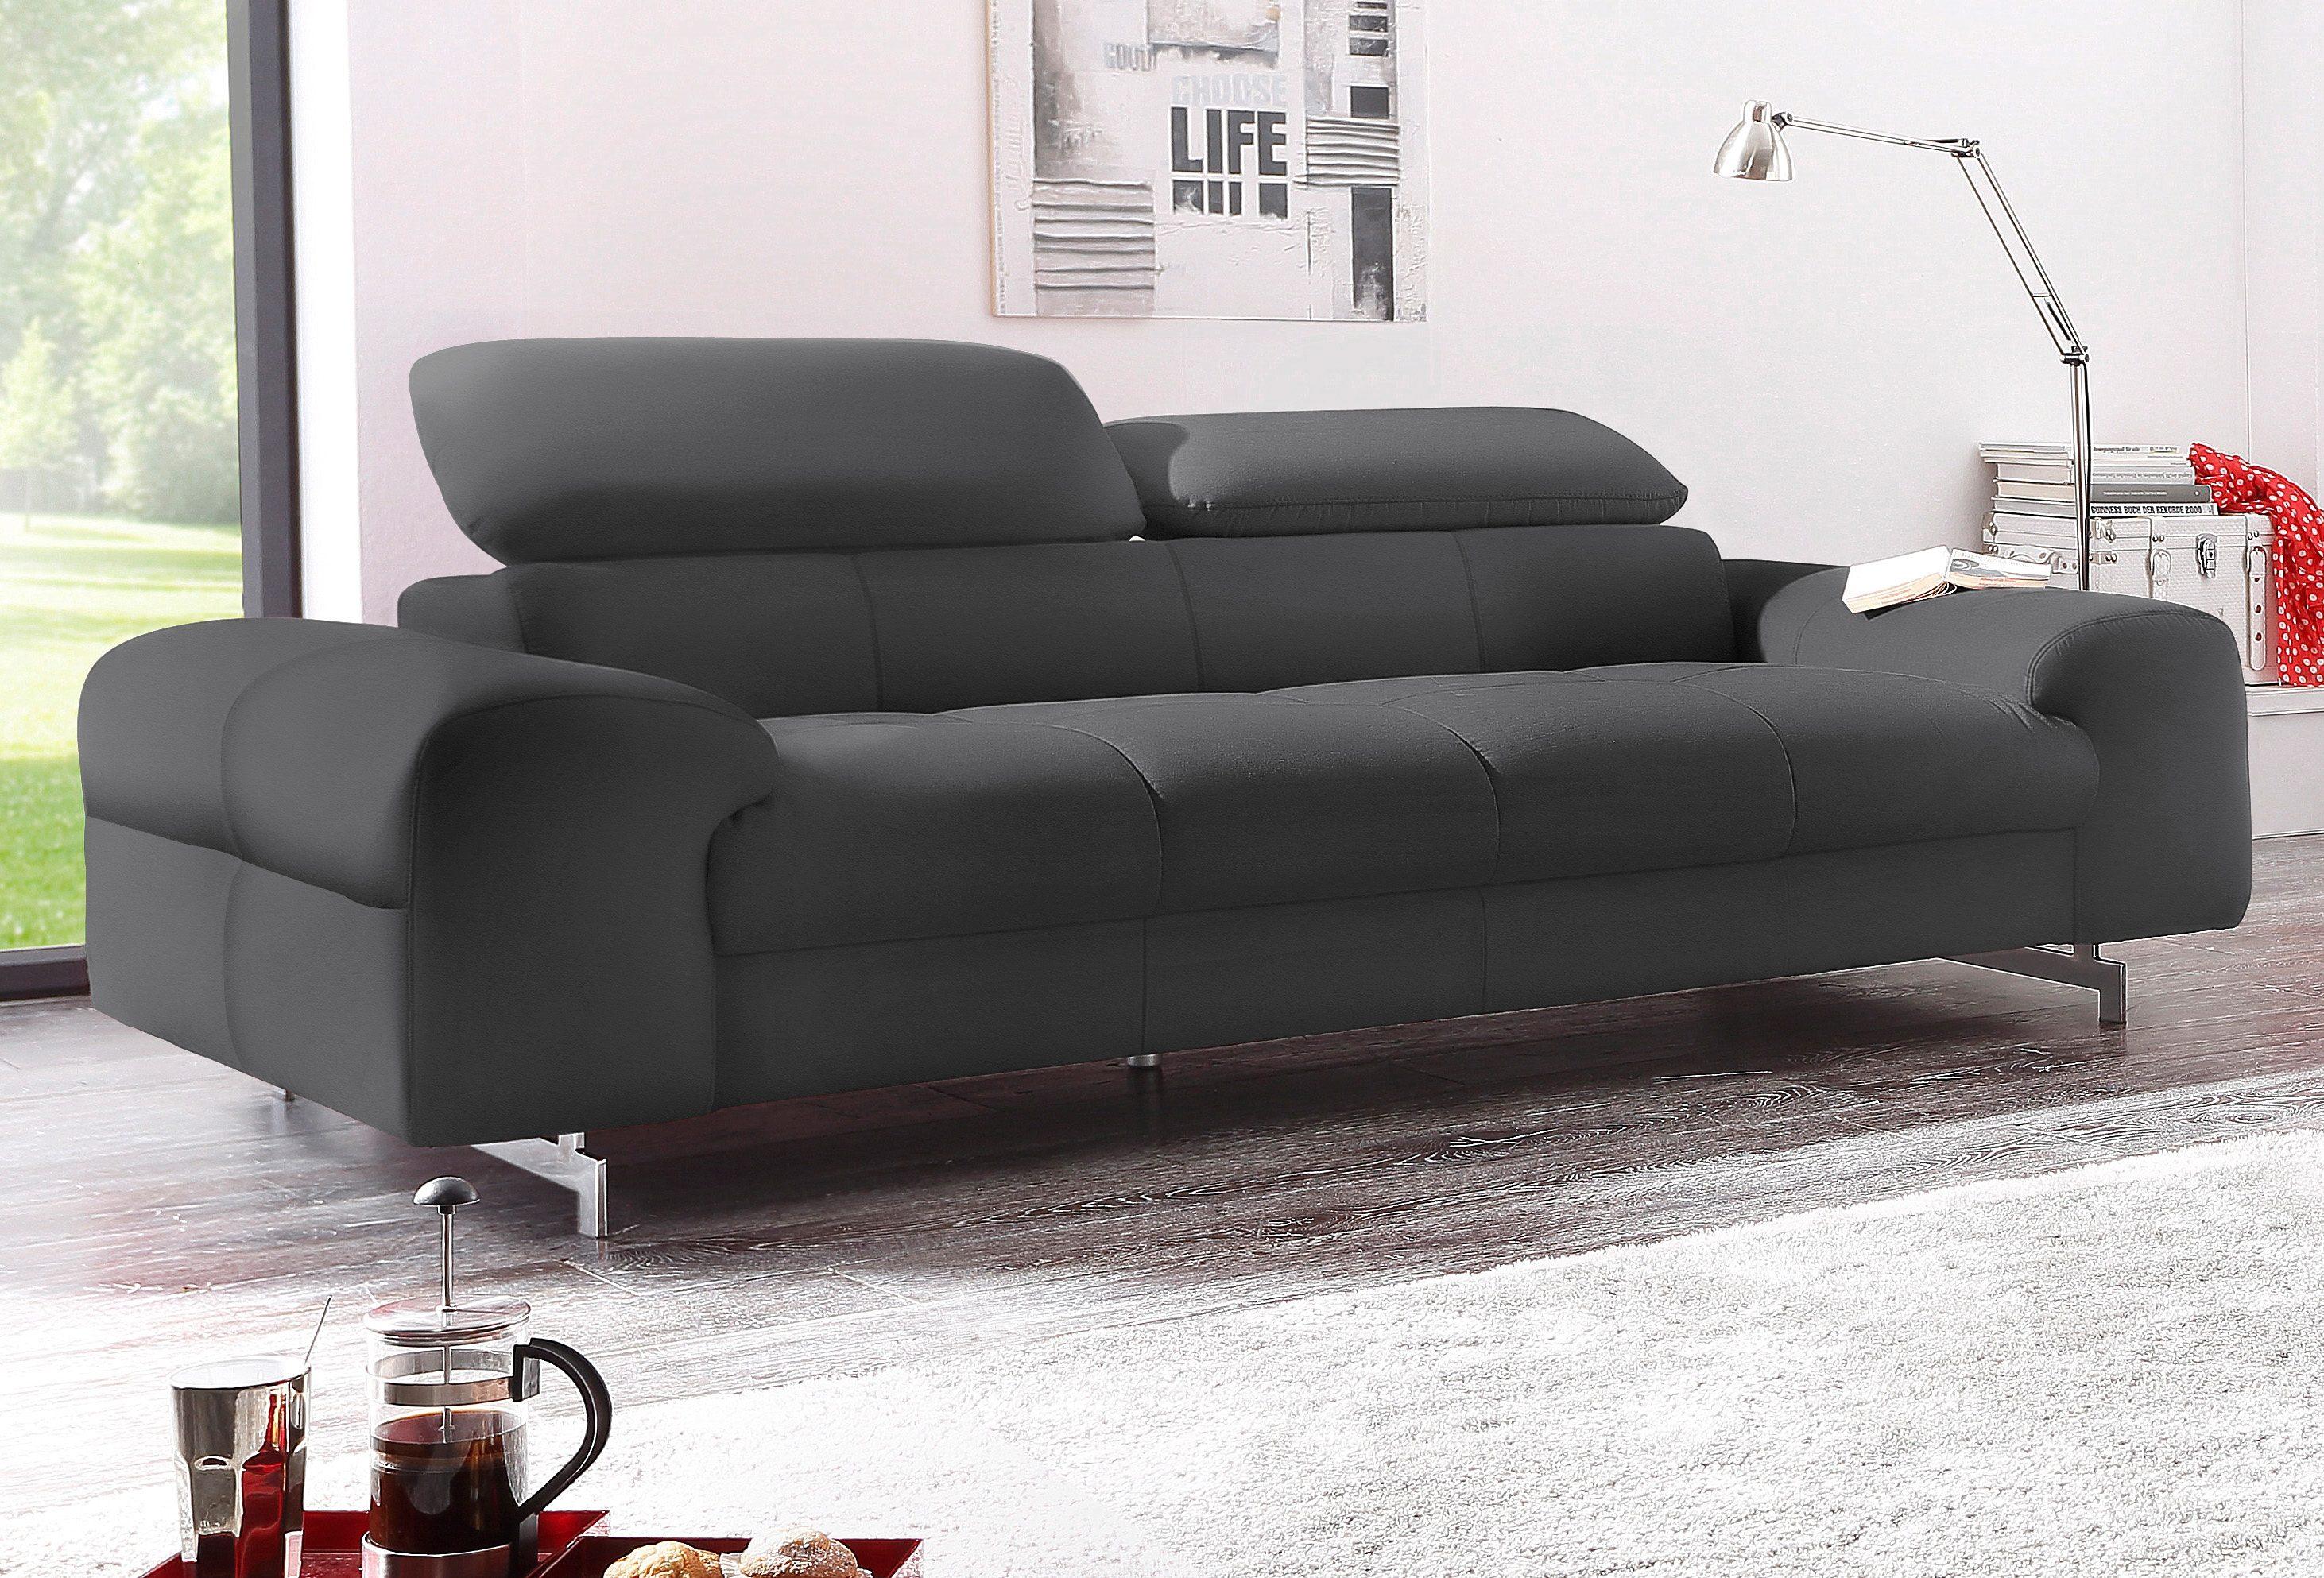 COTTA 3-Sitzer   Wohnzimmer > Sofas & Couches > 2 & 3 Sitzer Sofas   Schwarz   Leder   COTTA